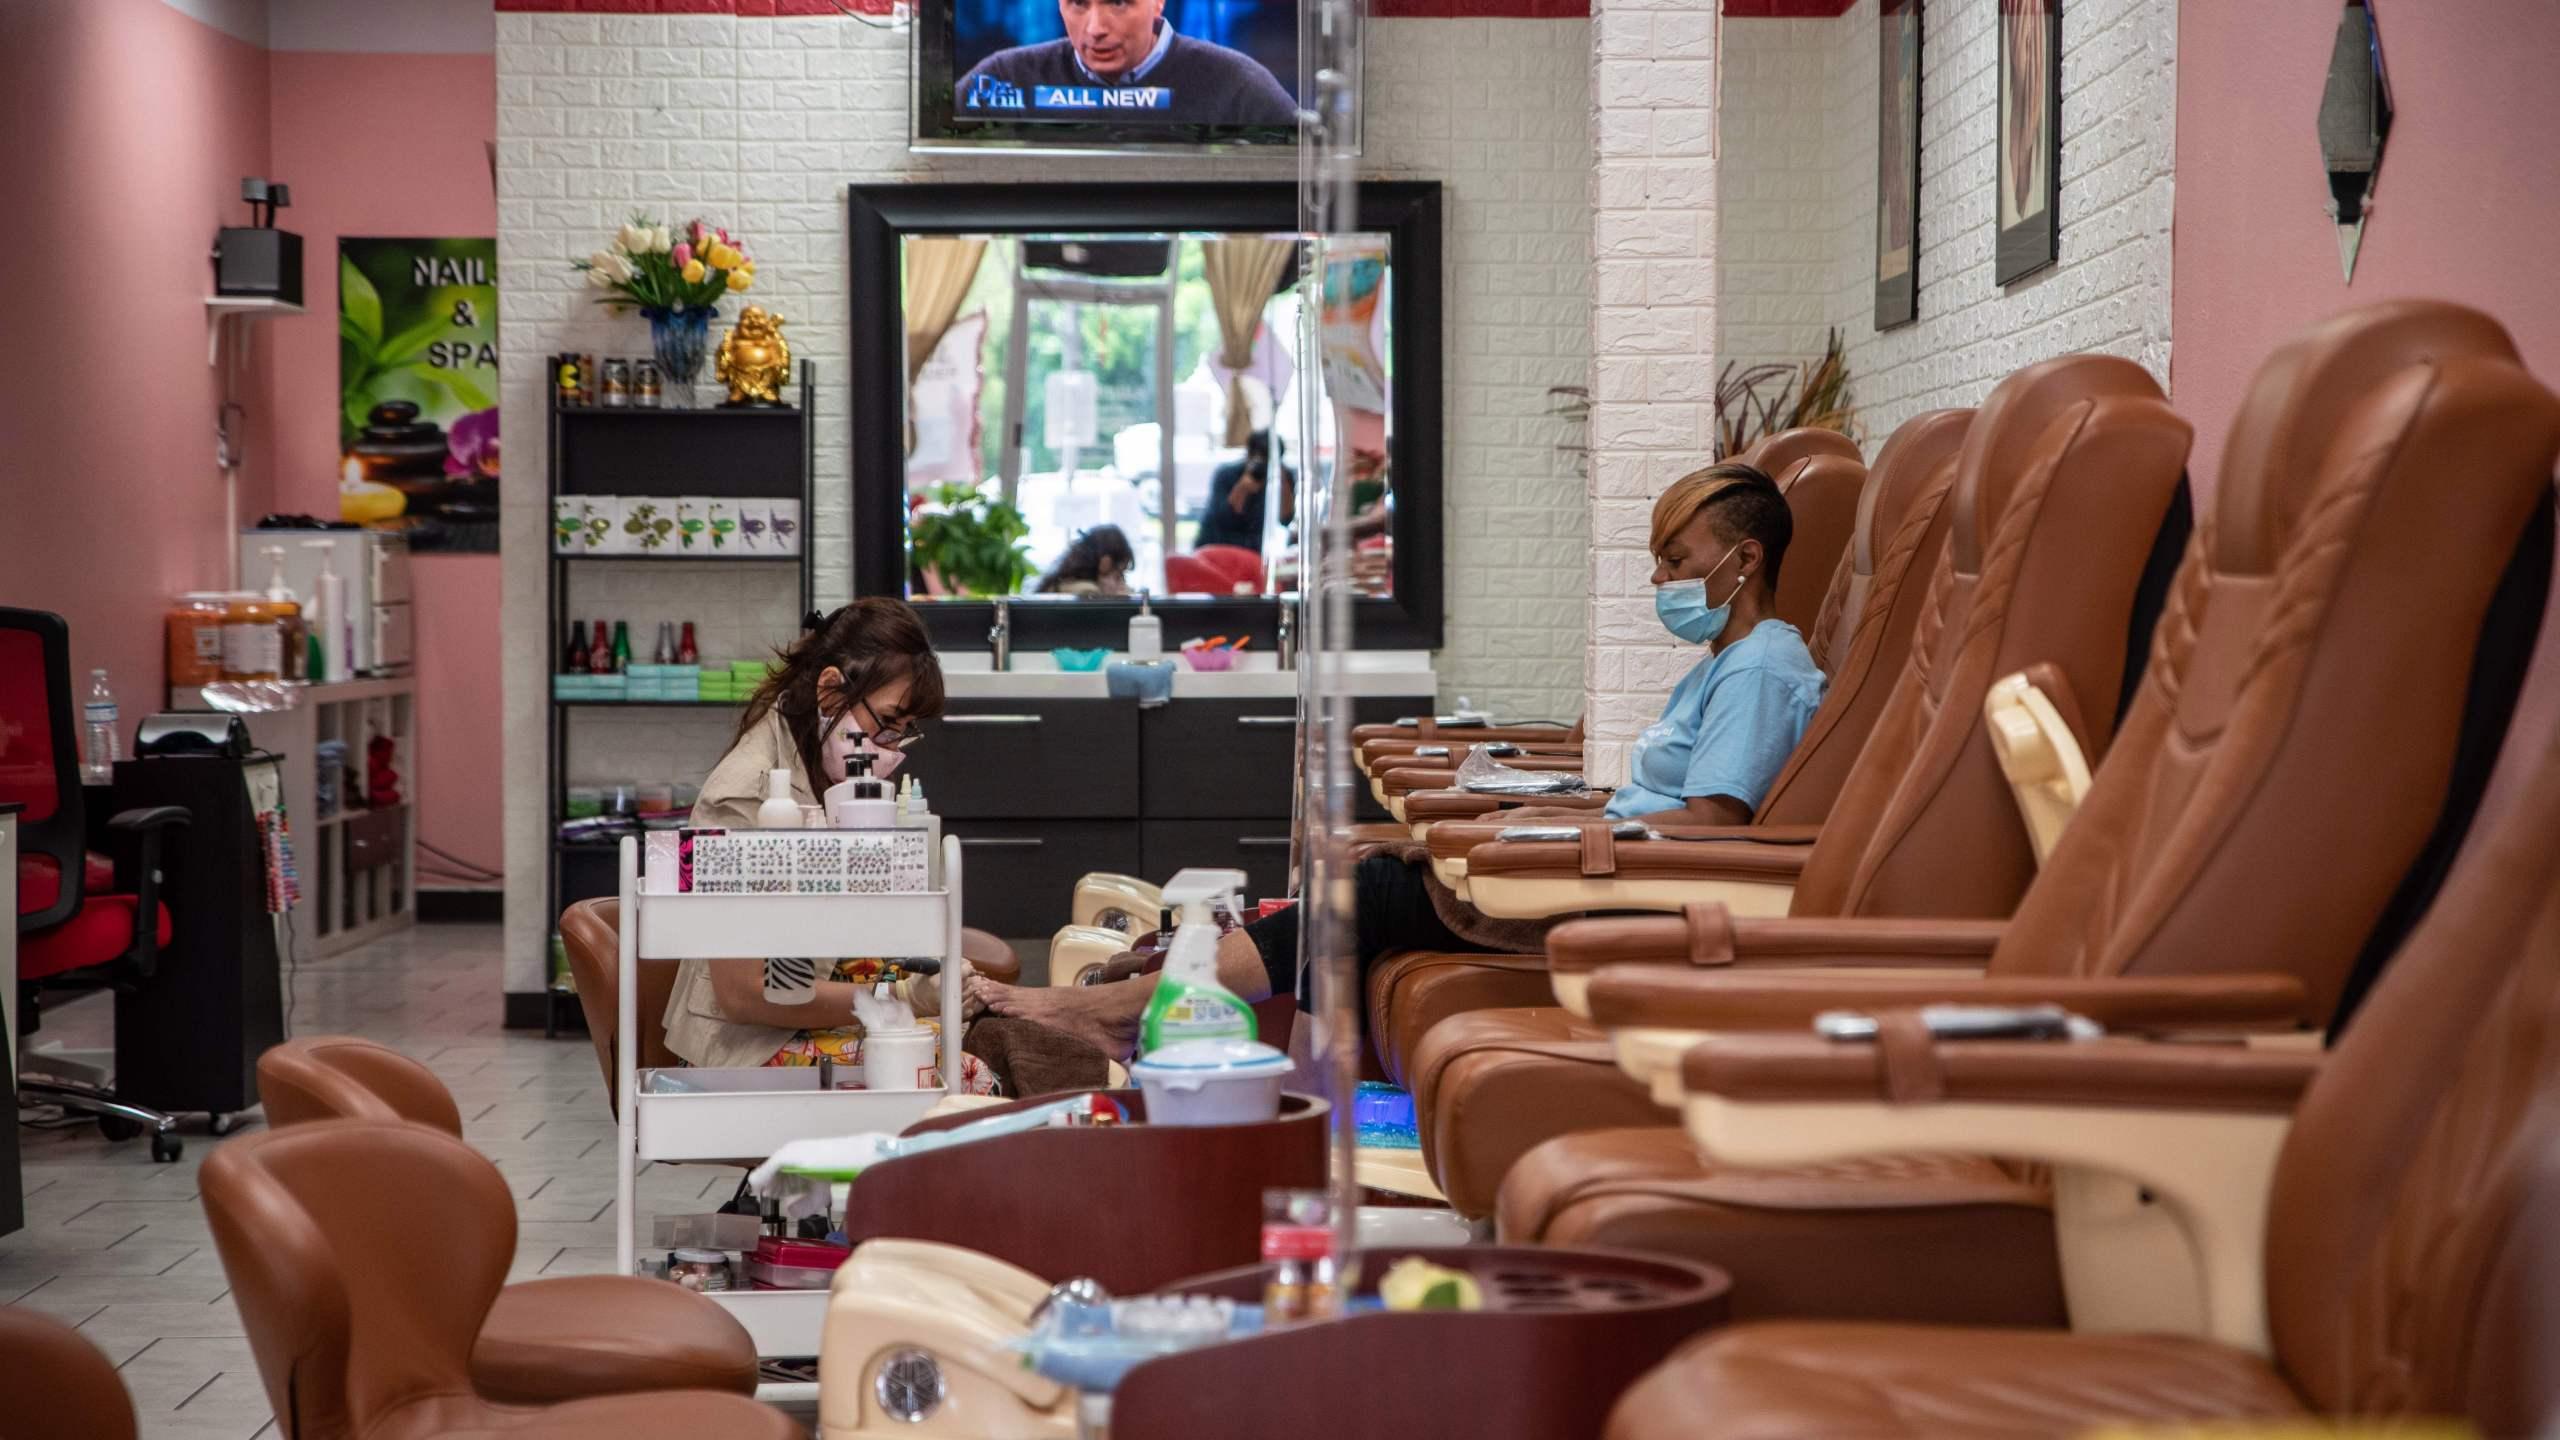 Quận Los Angeles cho phép tiệm làm móng, quán bar và các công ty khác mở cửa trở lại vào thứ Sáu (19/06/2020)